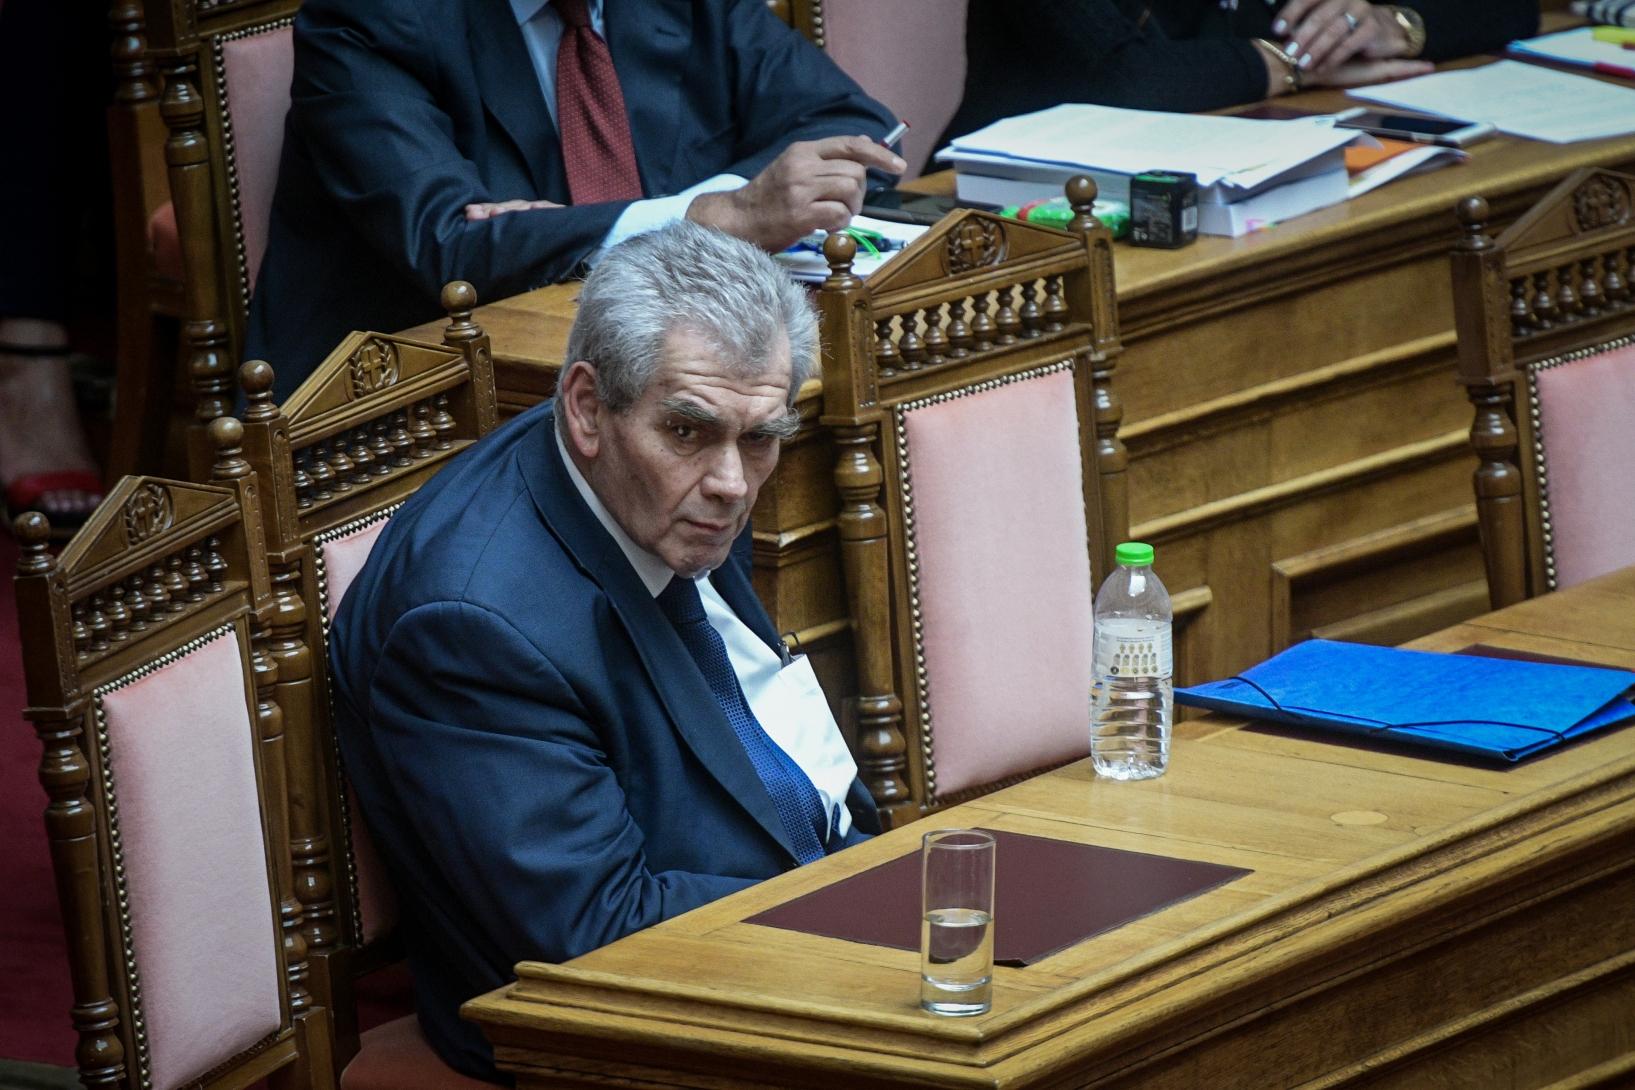 Το δρόμο του Ειδικού Δικαστηρίου παίρνει ο Δ. Παπαγγελόπουλος- Με 177 ψήφους αποφασίστηκε η δίωξη του από την Ολομέλεια της Βουλής